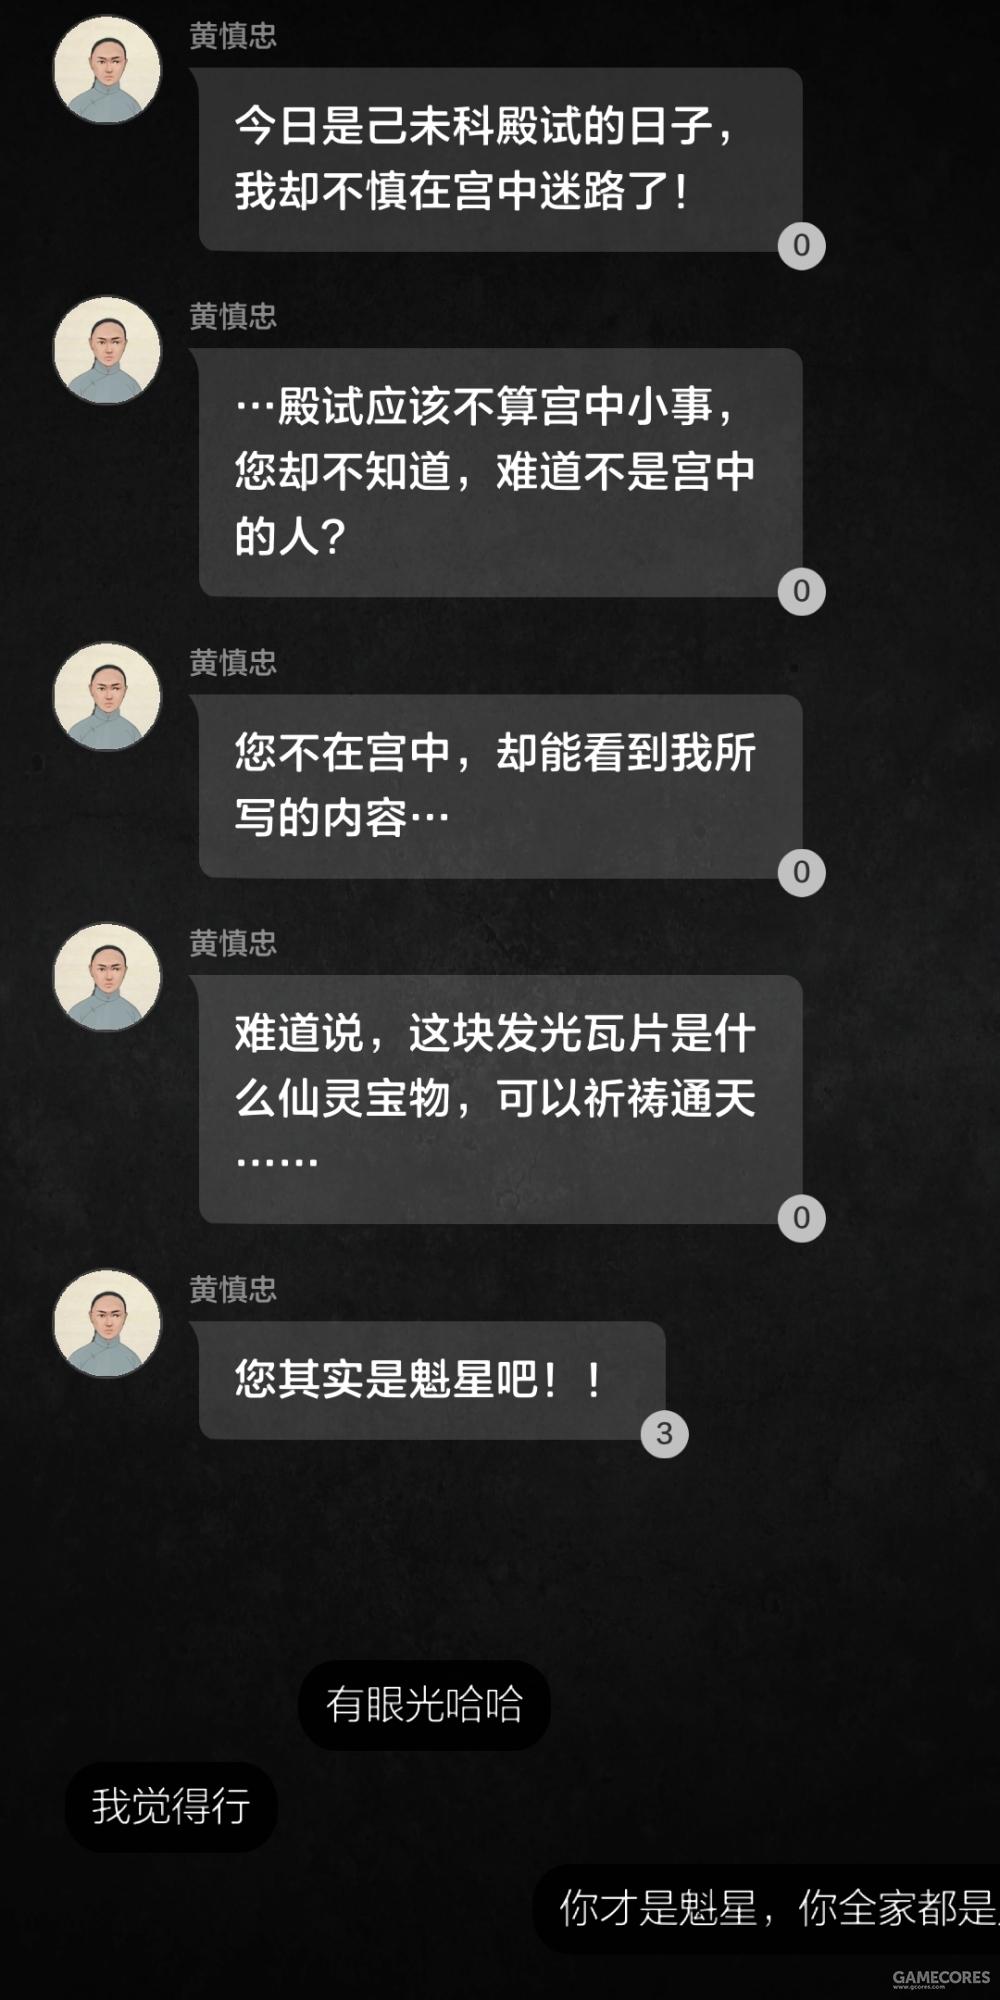 线下关卡加入了弹幕系统,玩家在每条对话中发送的评论会以弹幕形式出现